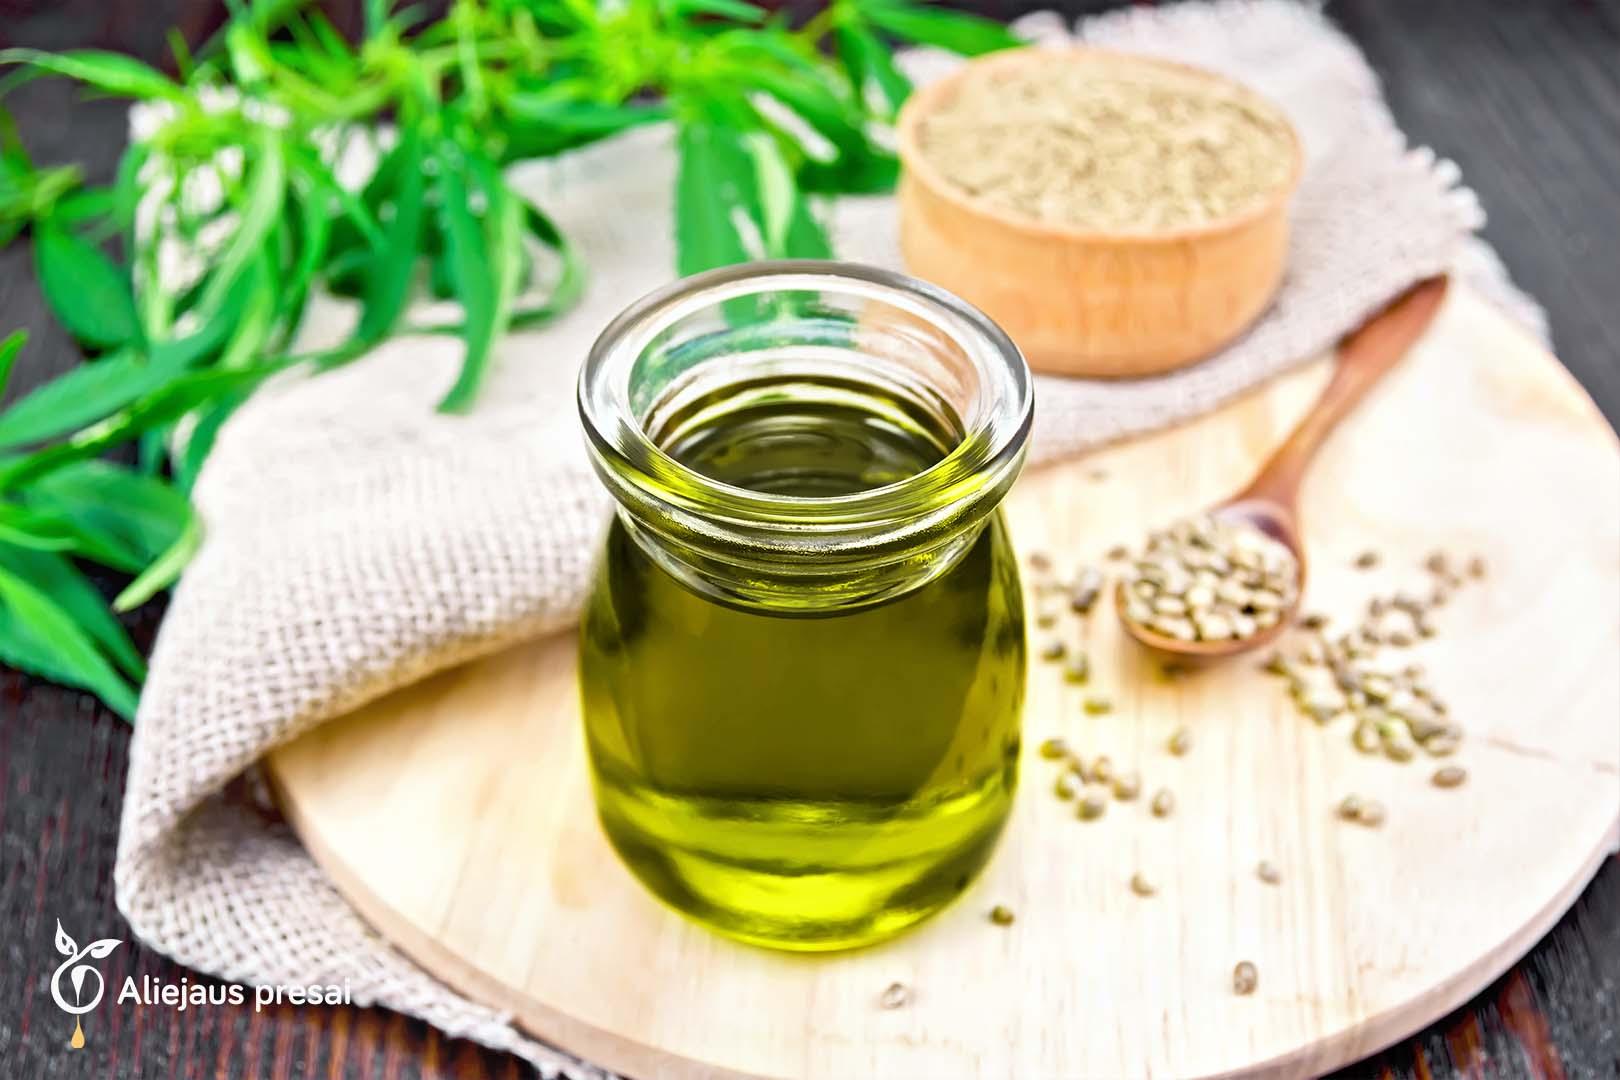 Kanapių sėklų aliejus jūsų grožiui ir gerai savijautai